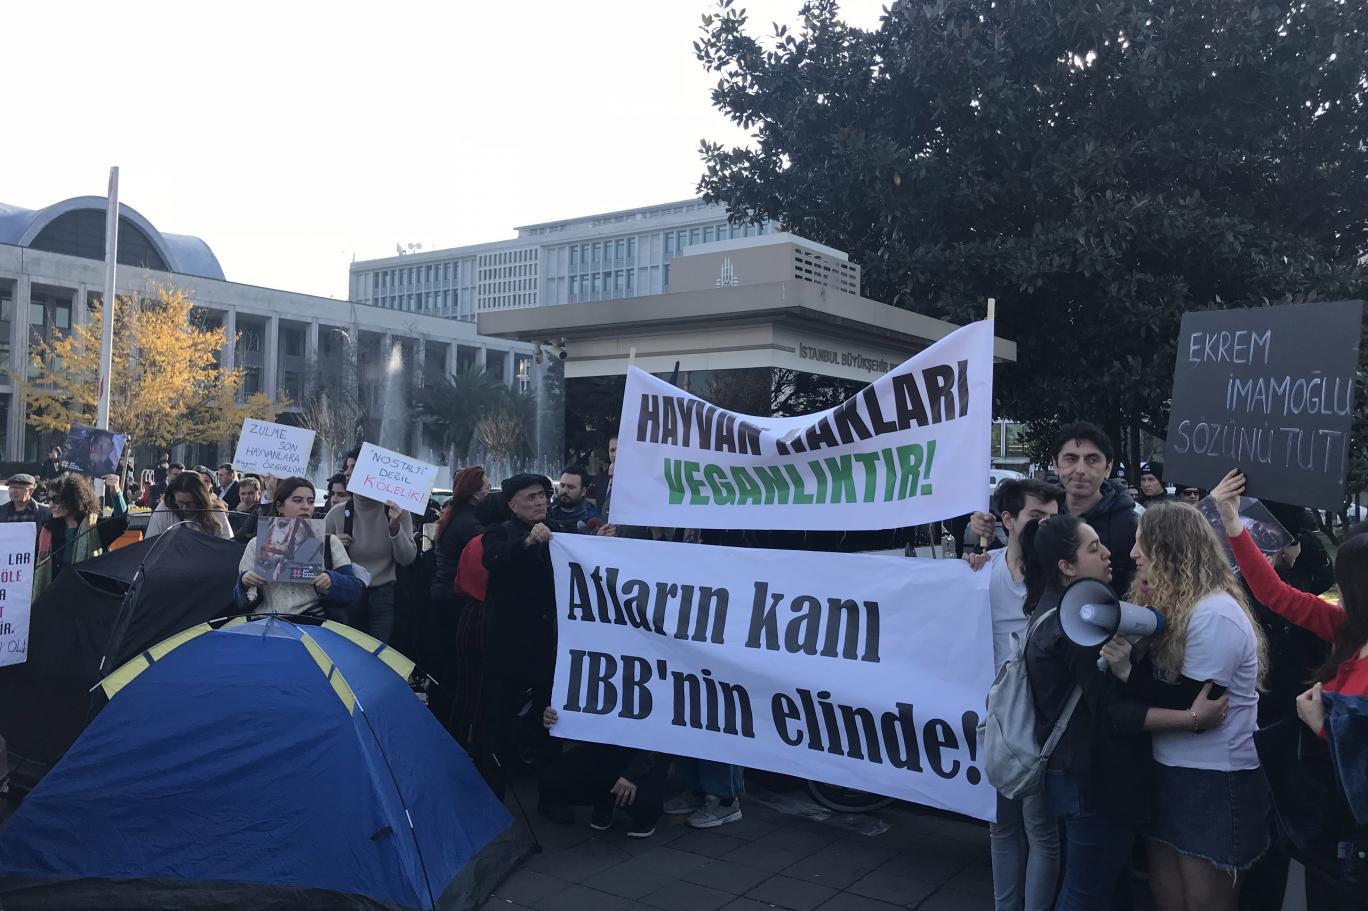 Faytonların kaldırılmasını isteyen hayvan hakları savunucuları, atların  ölümünden İBB'yi sorumlu tuttu | Independent Türkçe